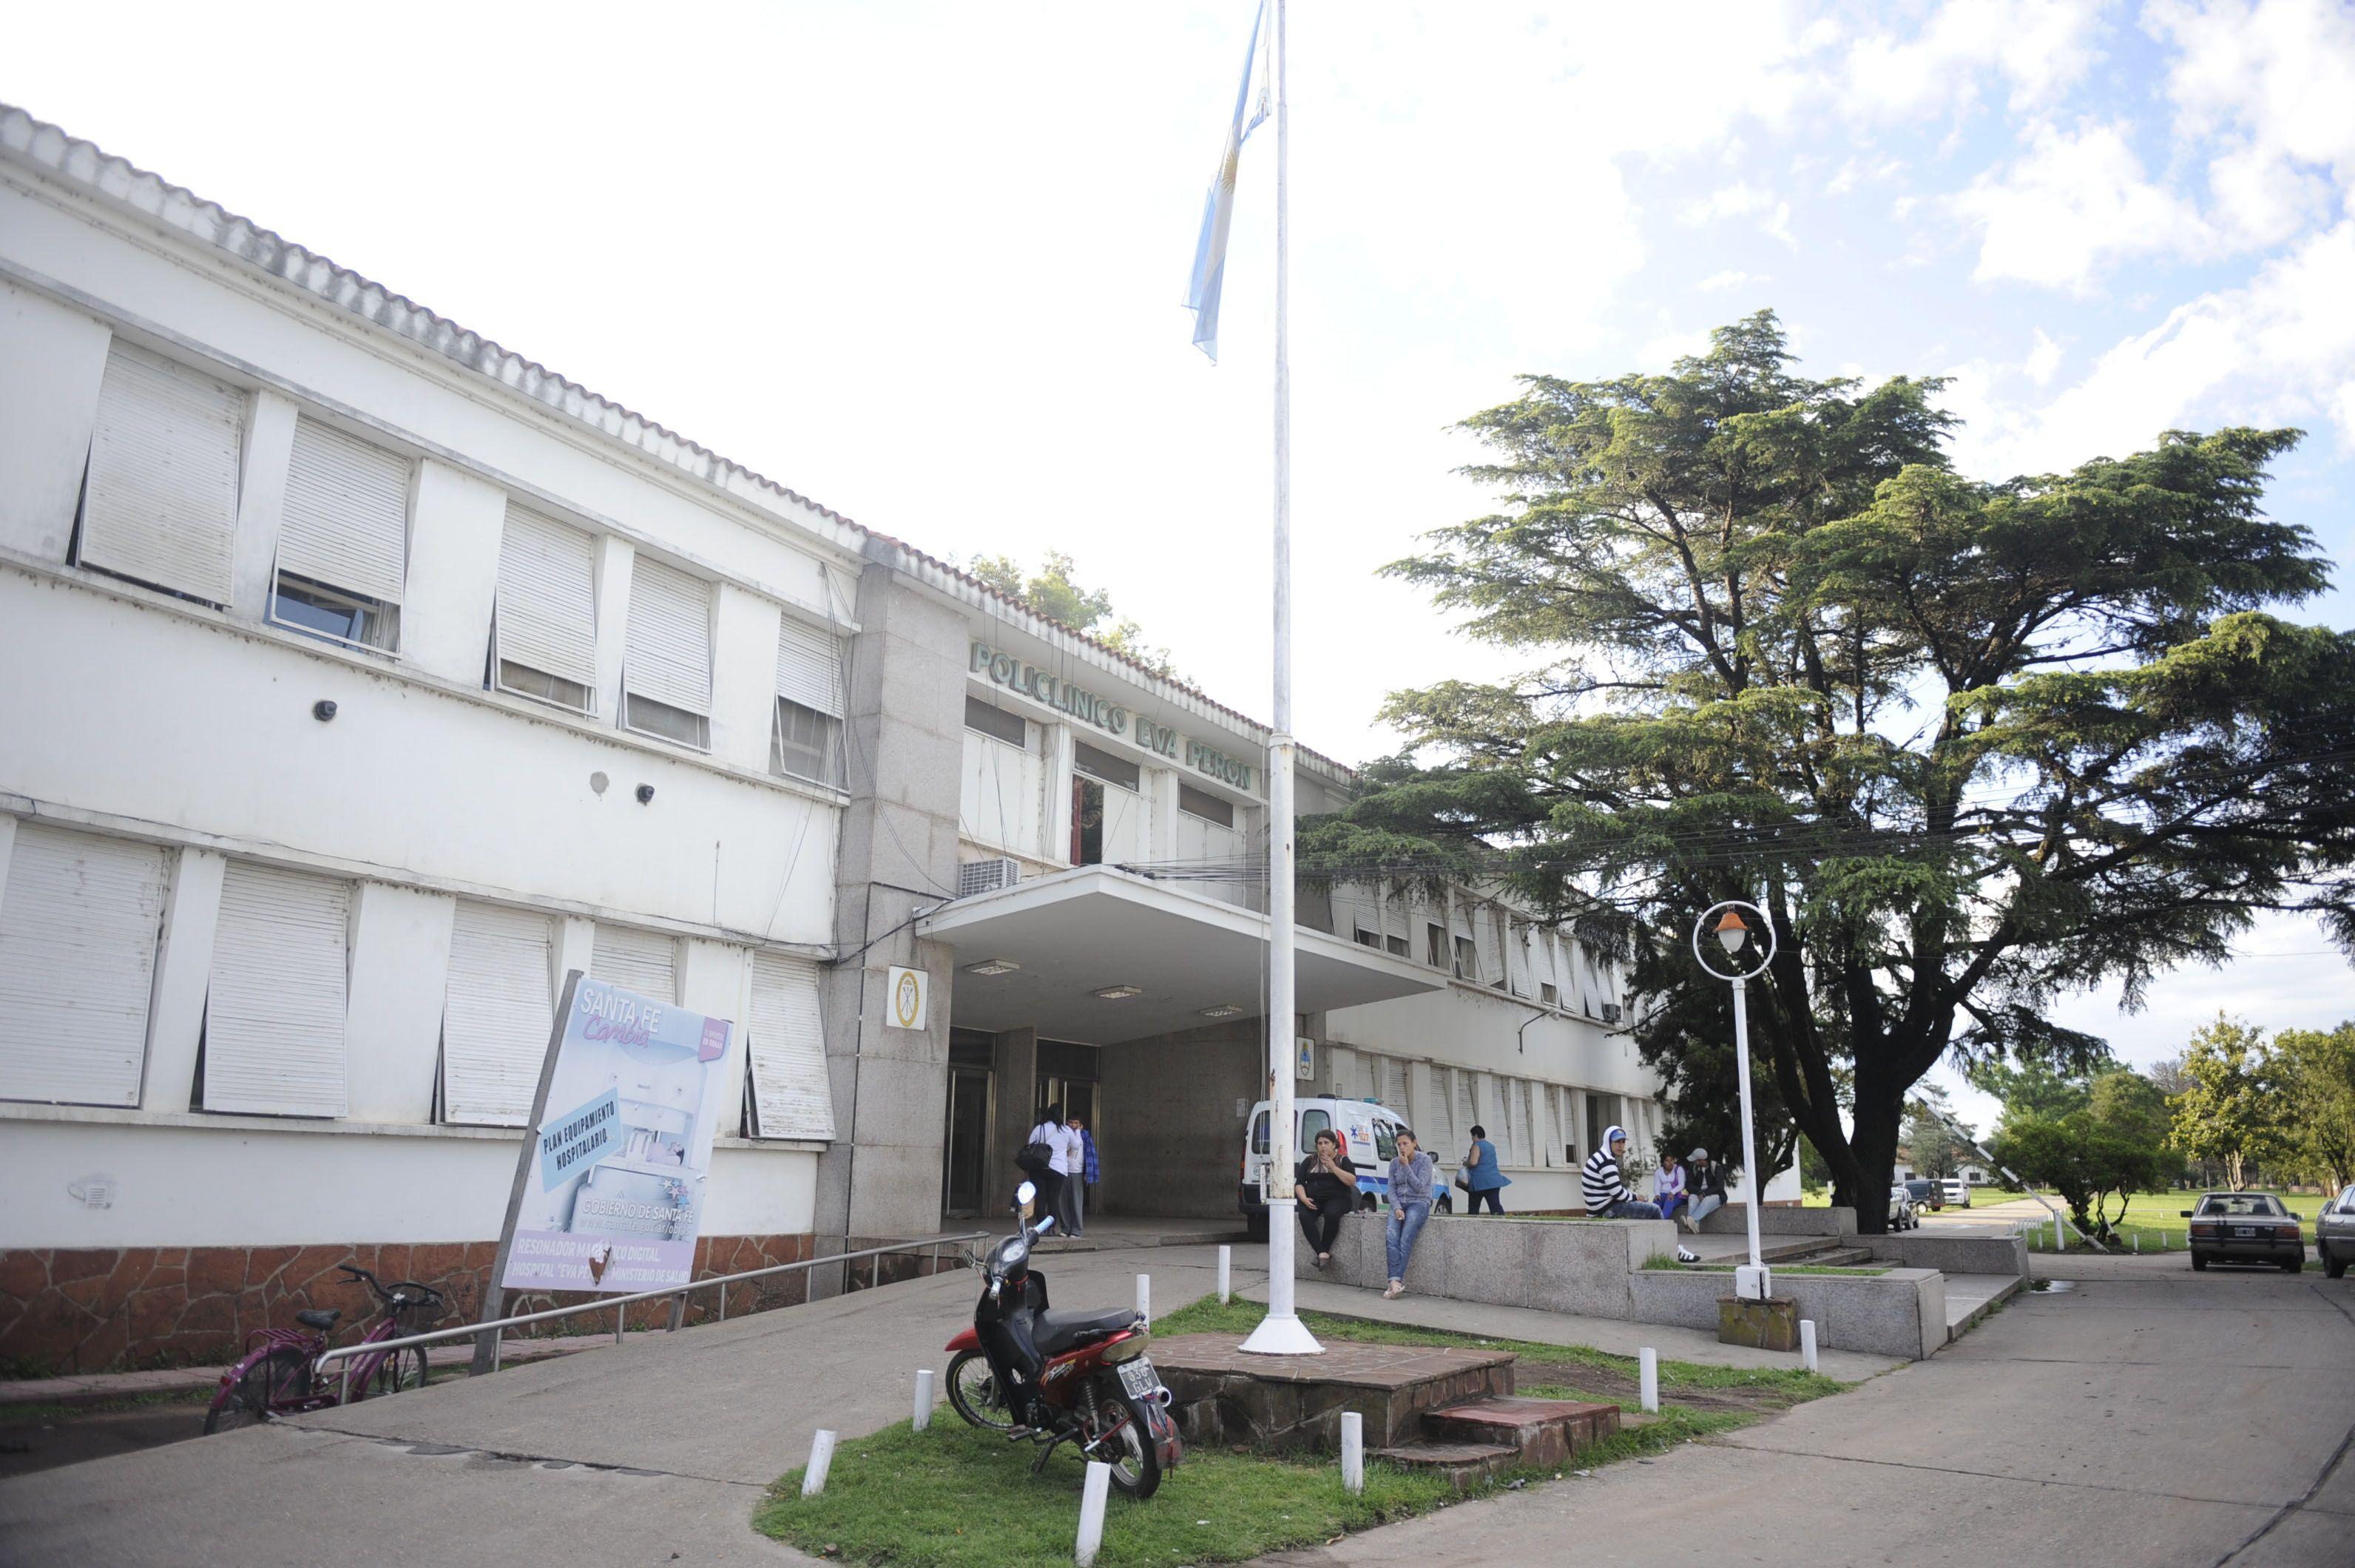 El Hospital Eva Perón. La víctima fue derivada a ese nosocomio